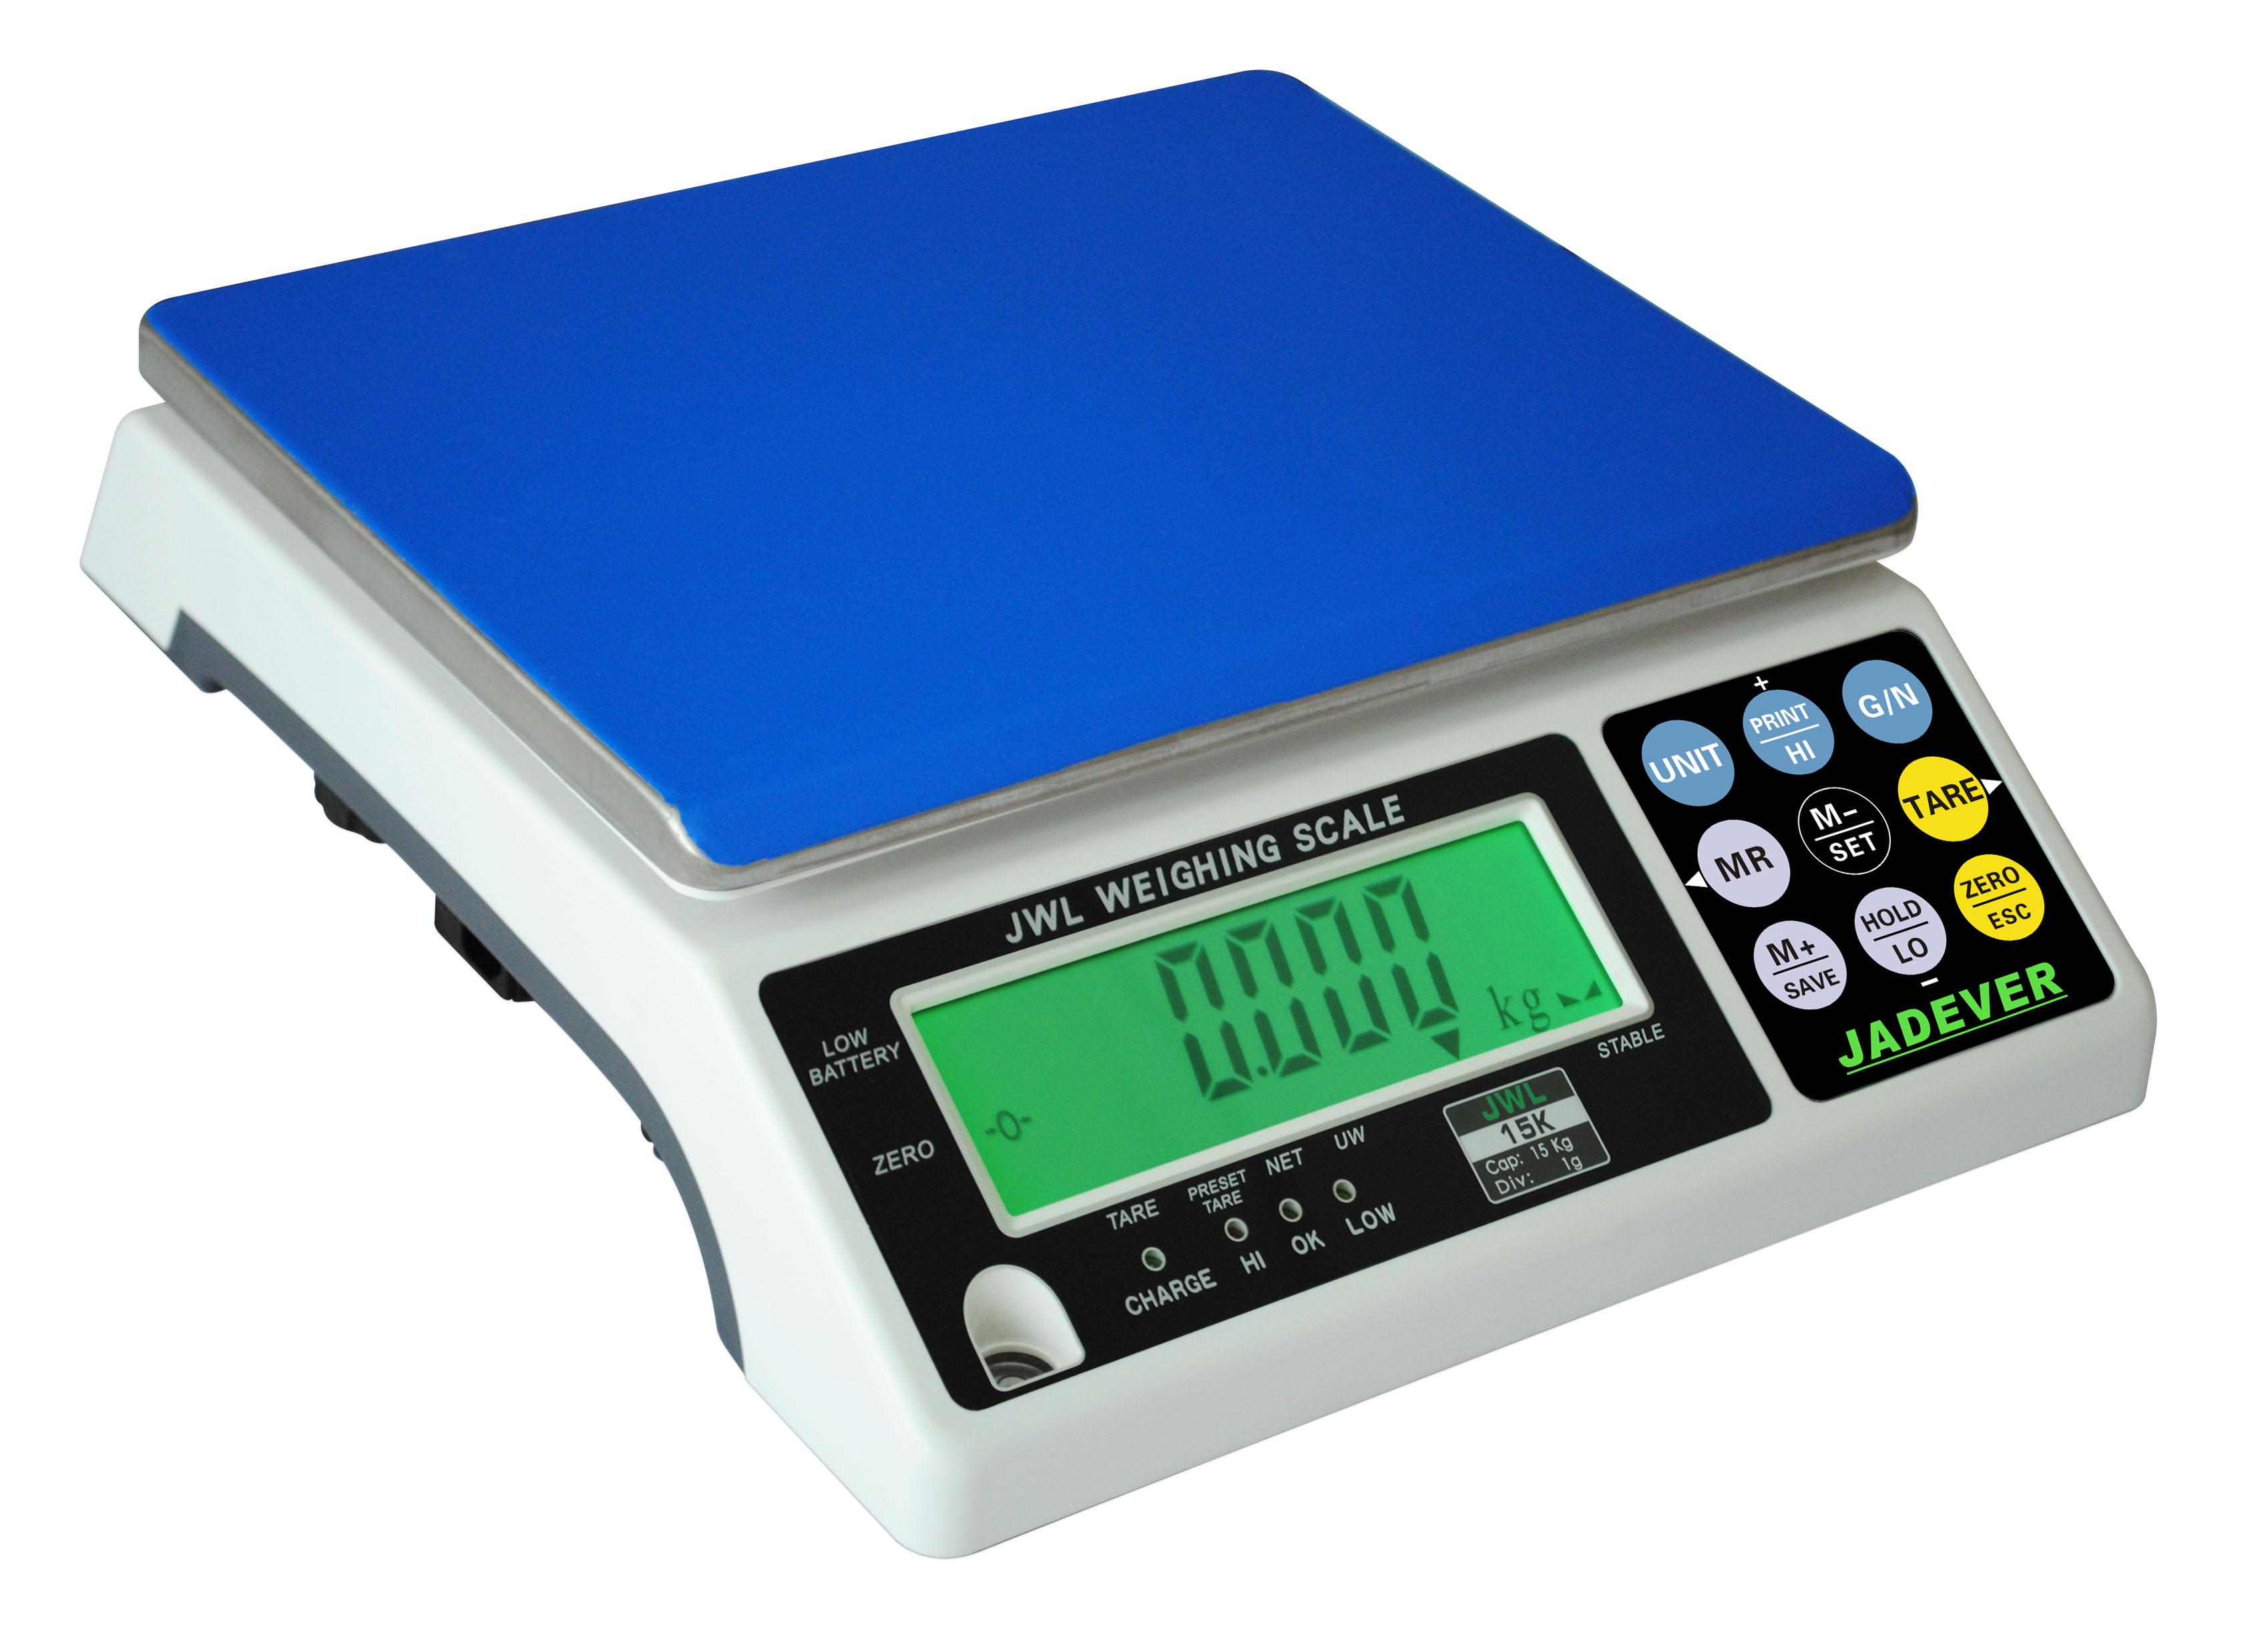 Jadever Weighing Scale Jwl 3k 3kg Kerr Cowan